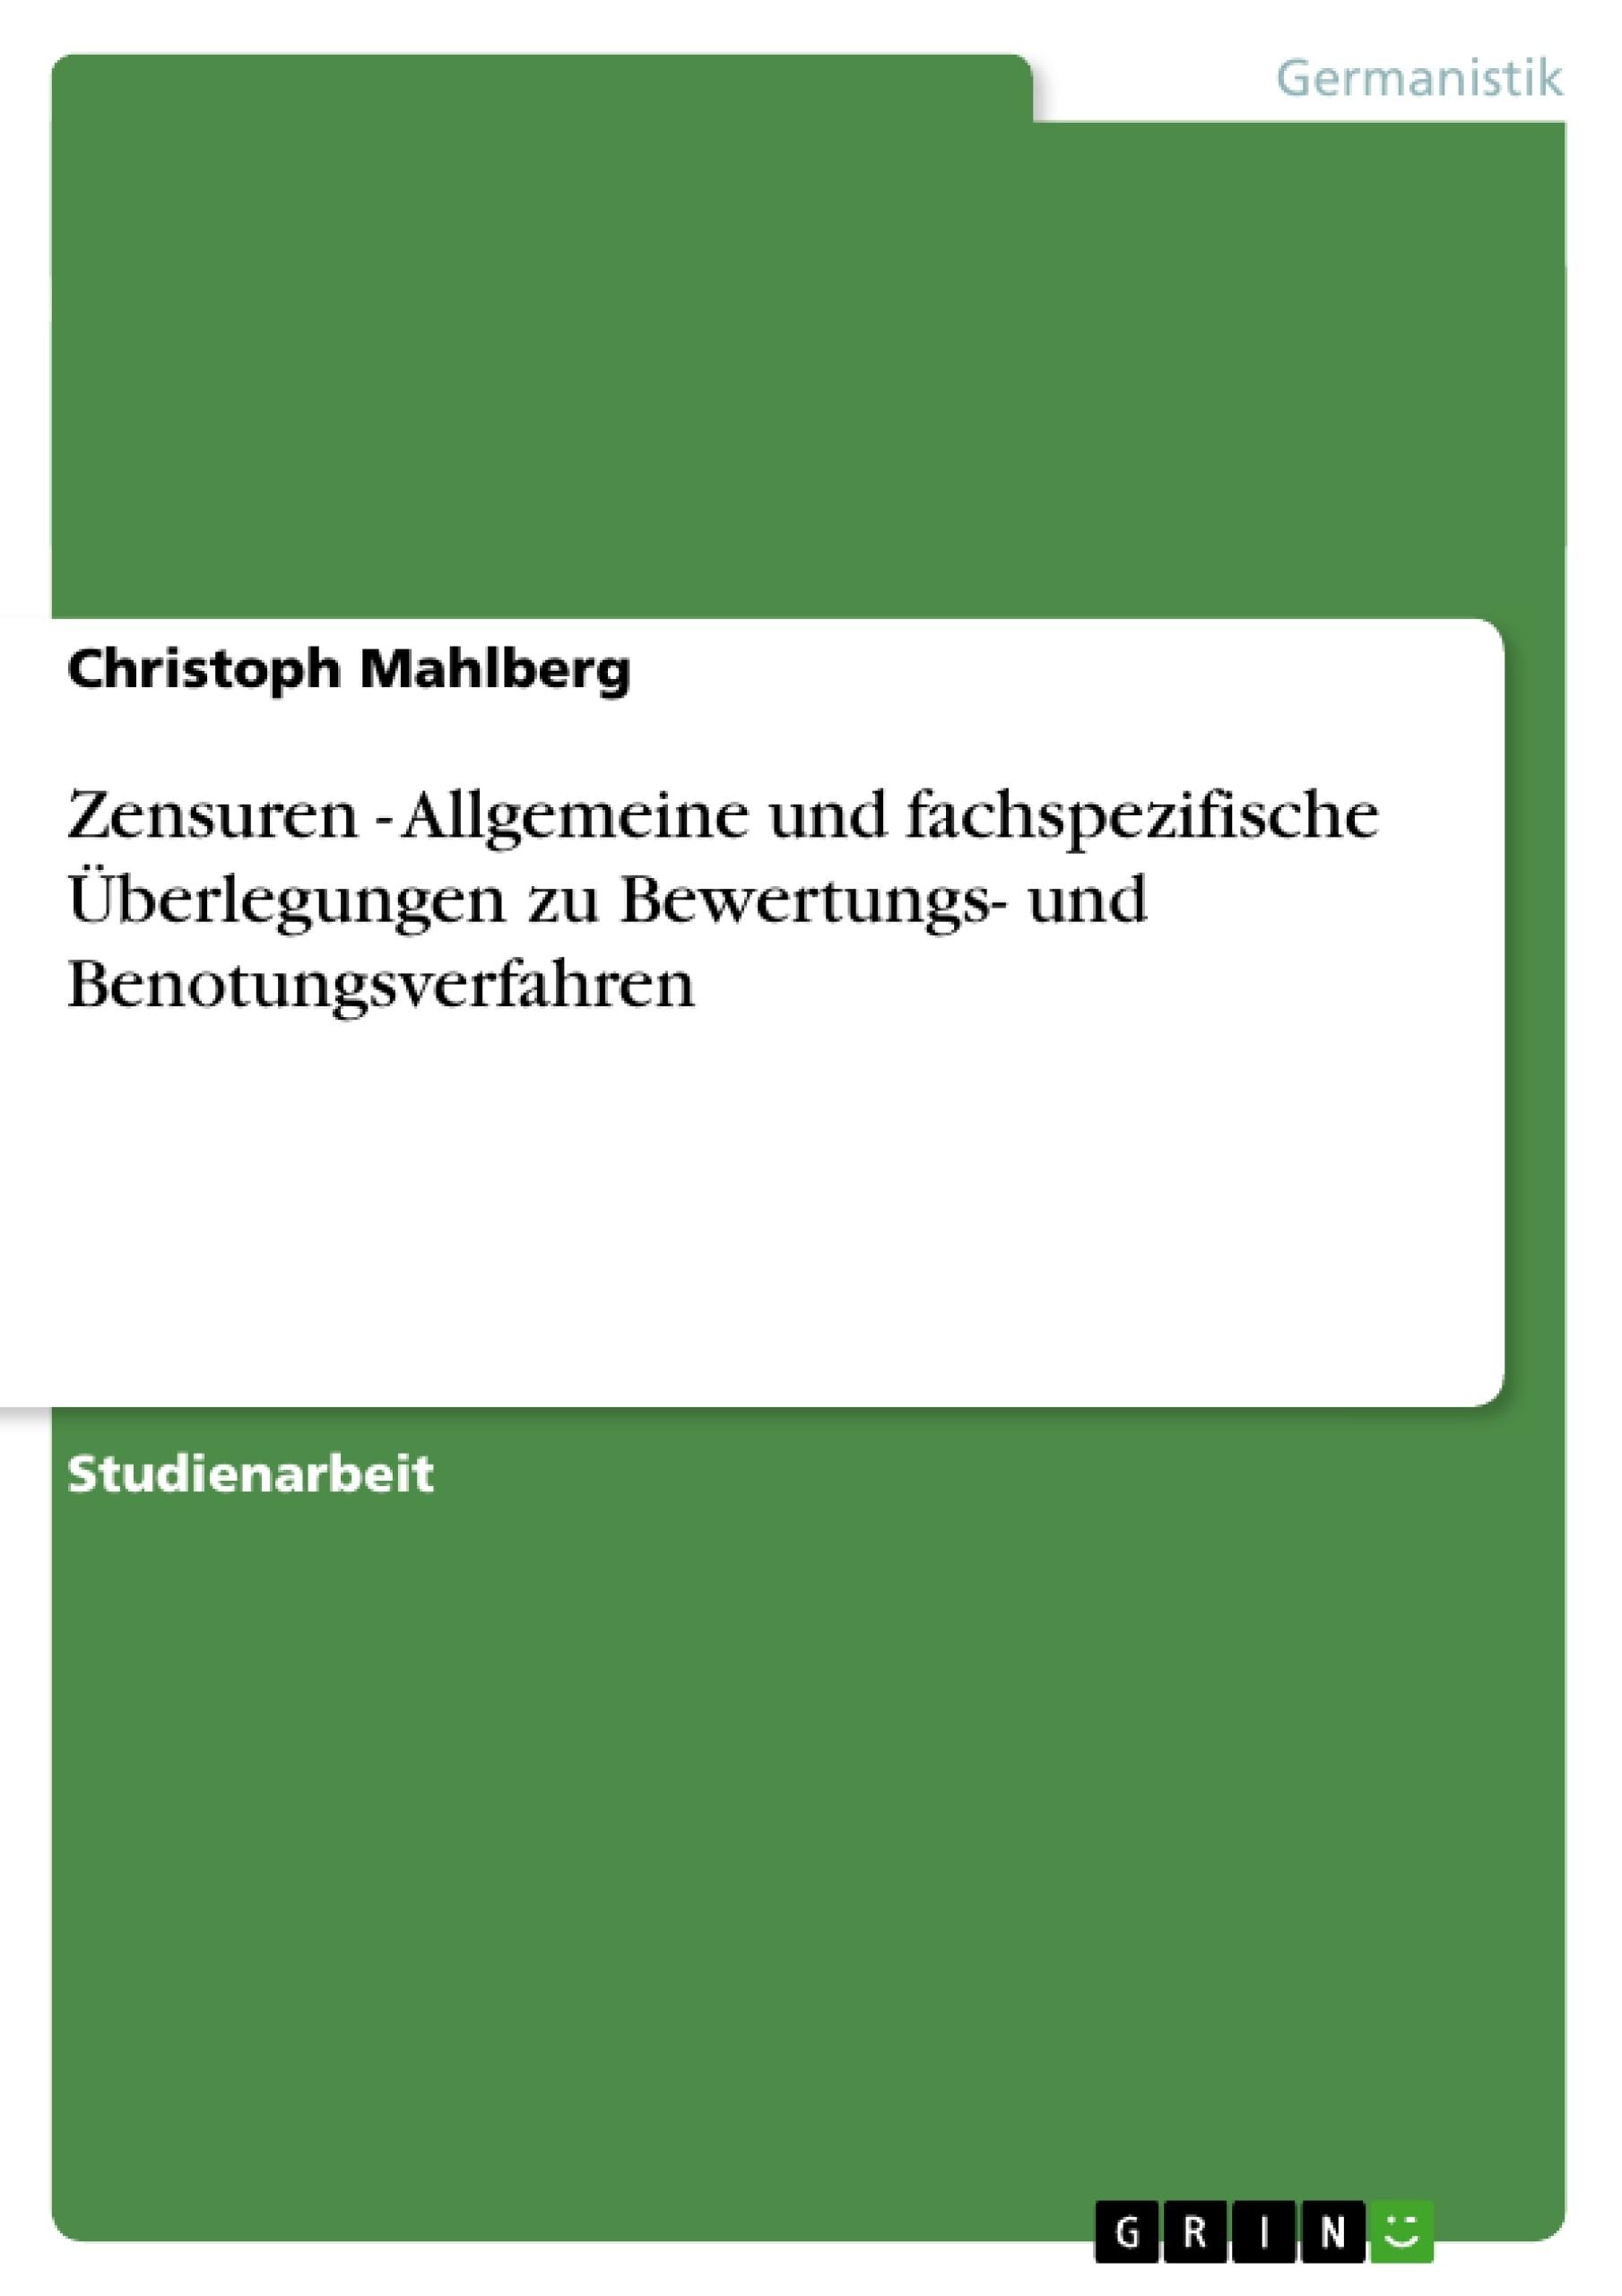 Titel: Zensuren - Allgemeine und fachspezifische Überlegungen zu Bewertungs- und Benotungsverfahren